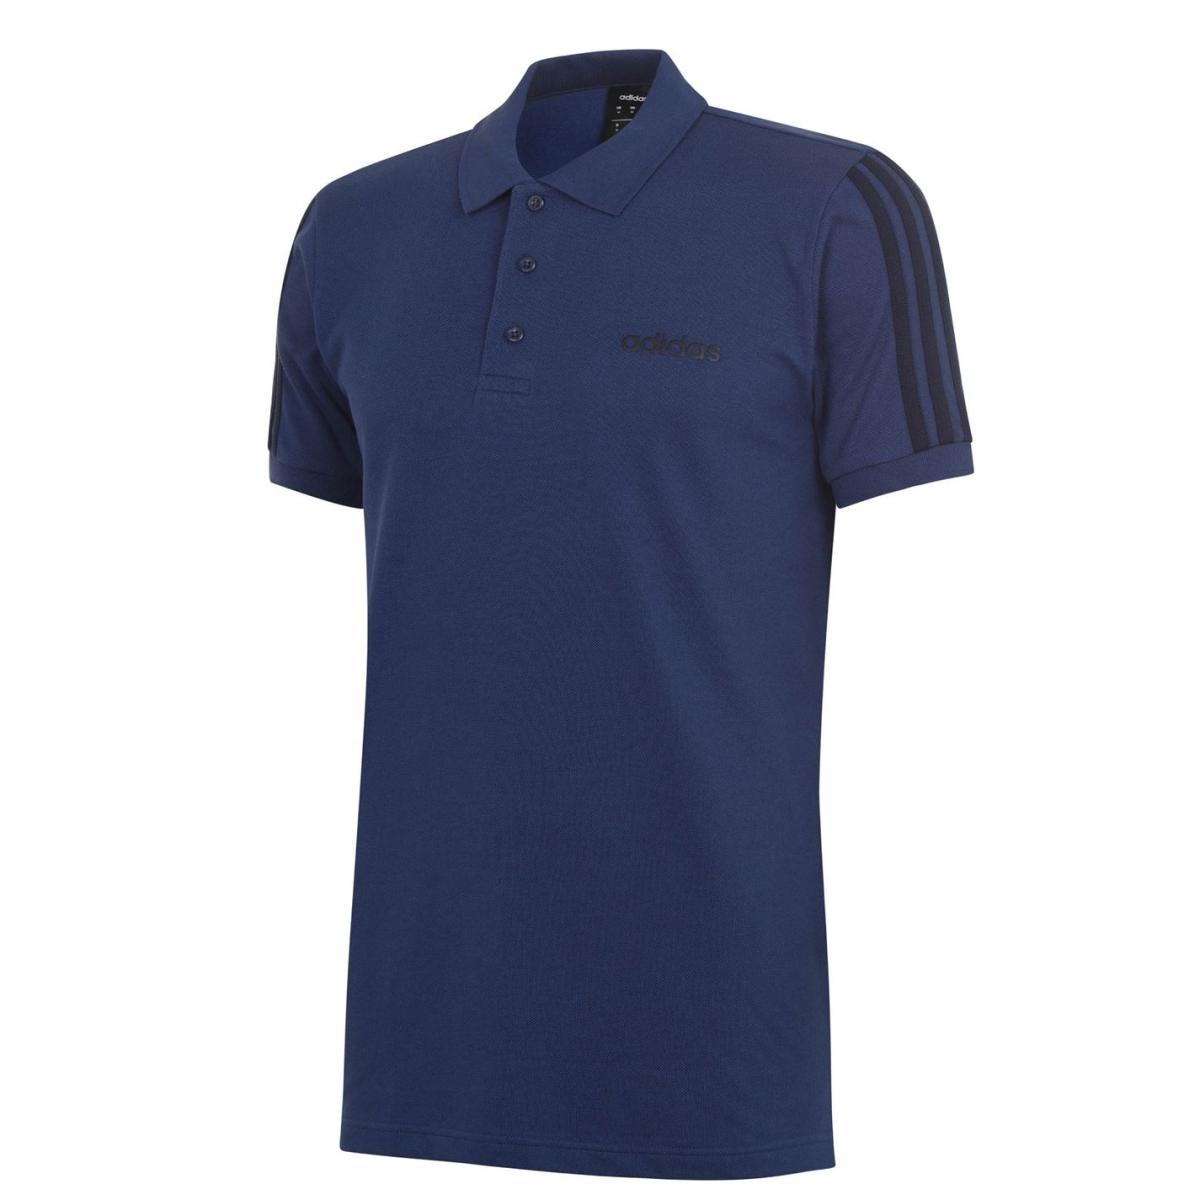 adidas Poloshirt T-Shirt Polohemd Herren 3002